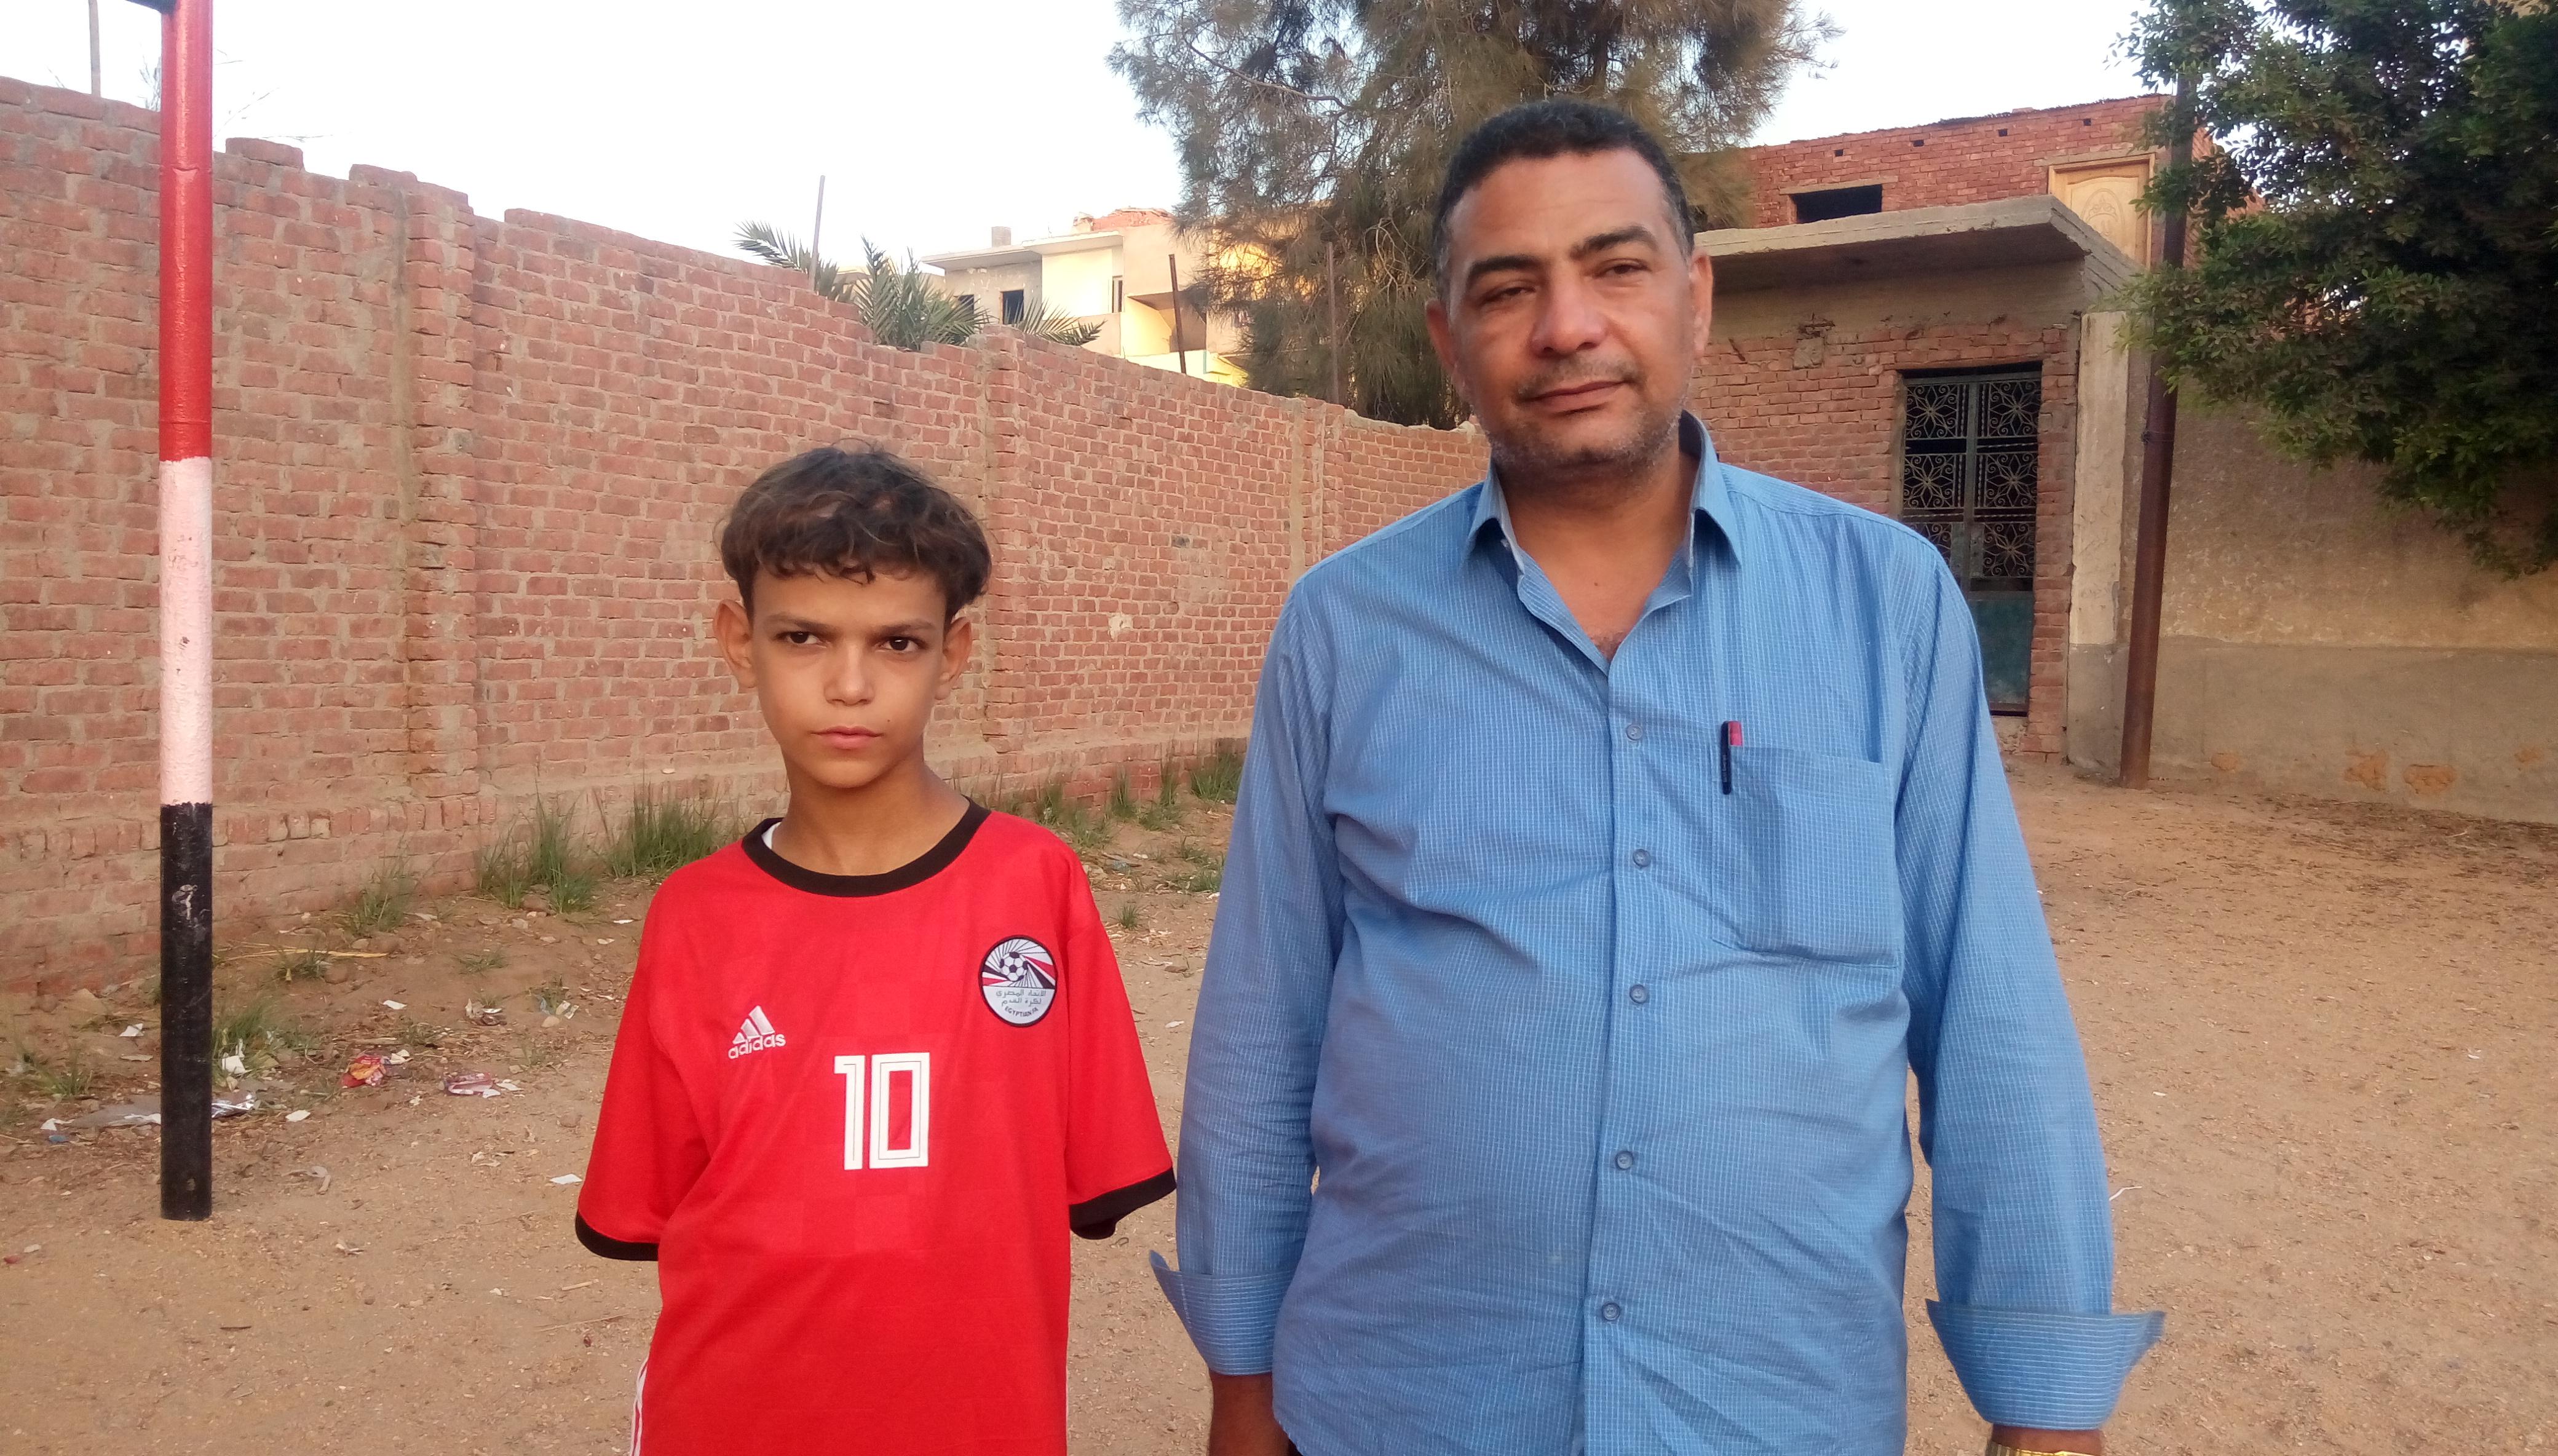 طفل هزم فقدان ذراعيه باحتراف كرة القدم فى الشرقية (7)